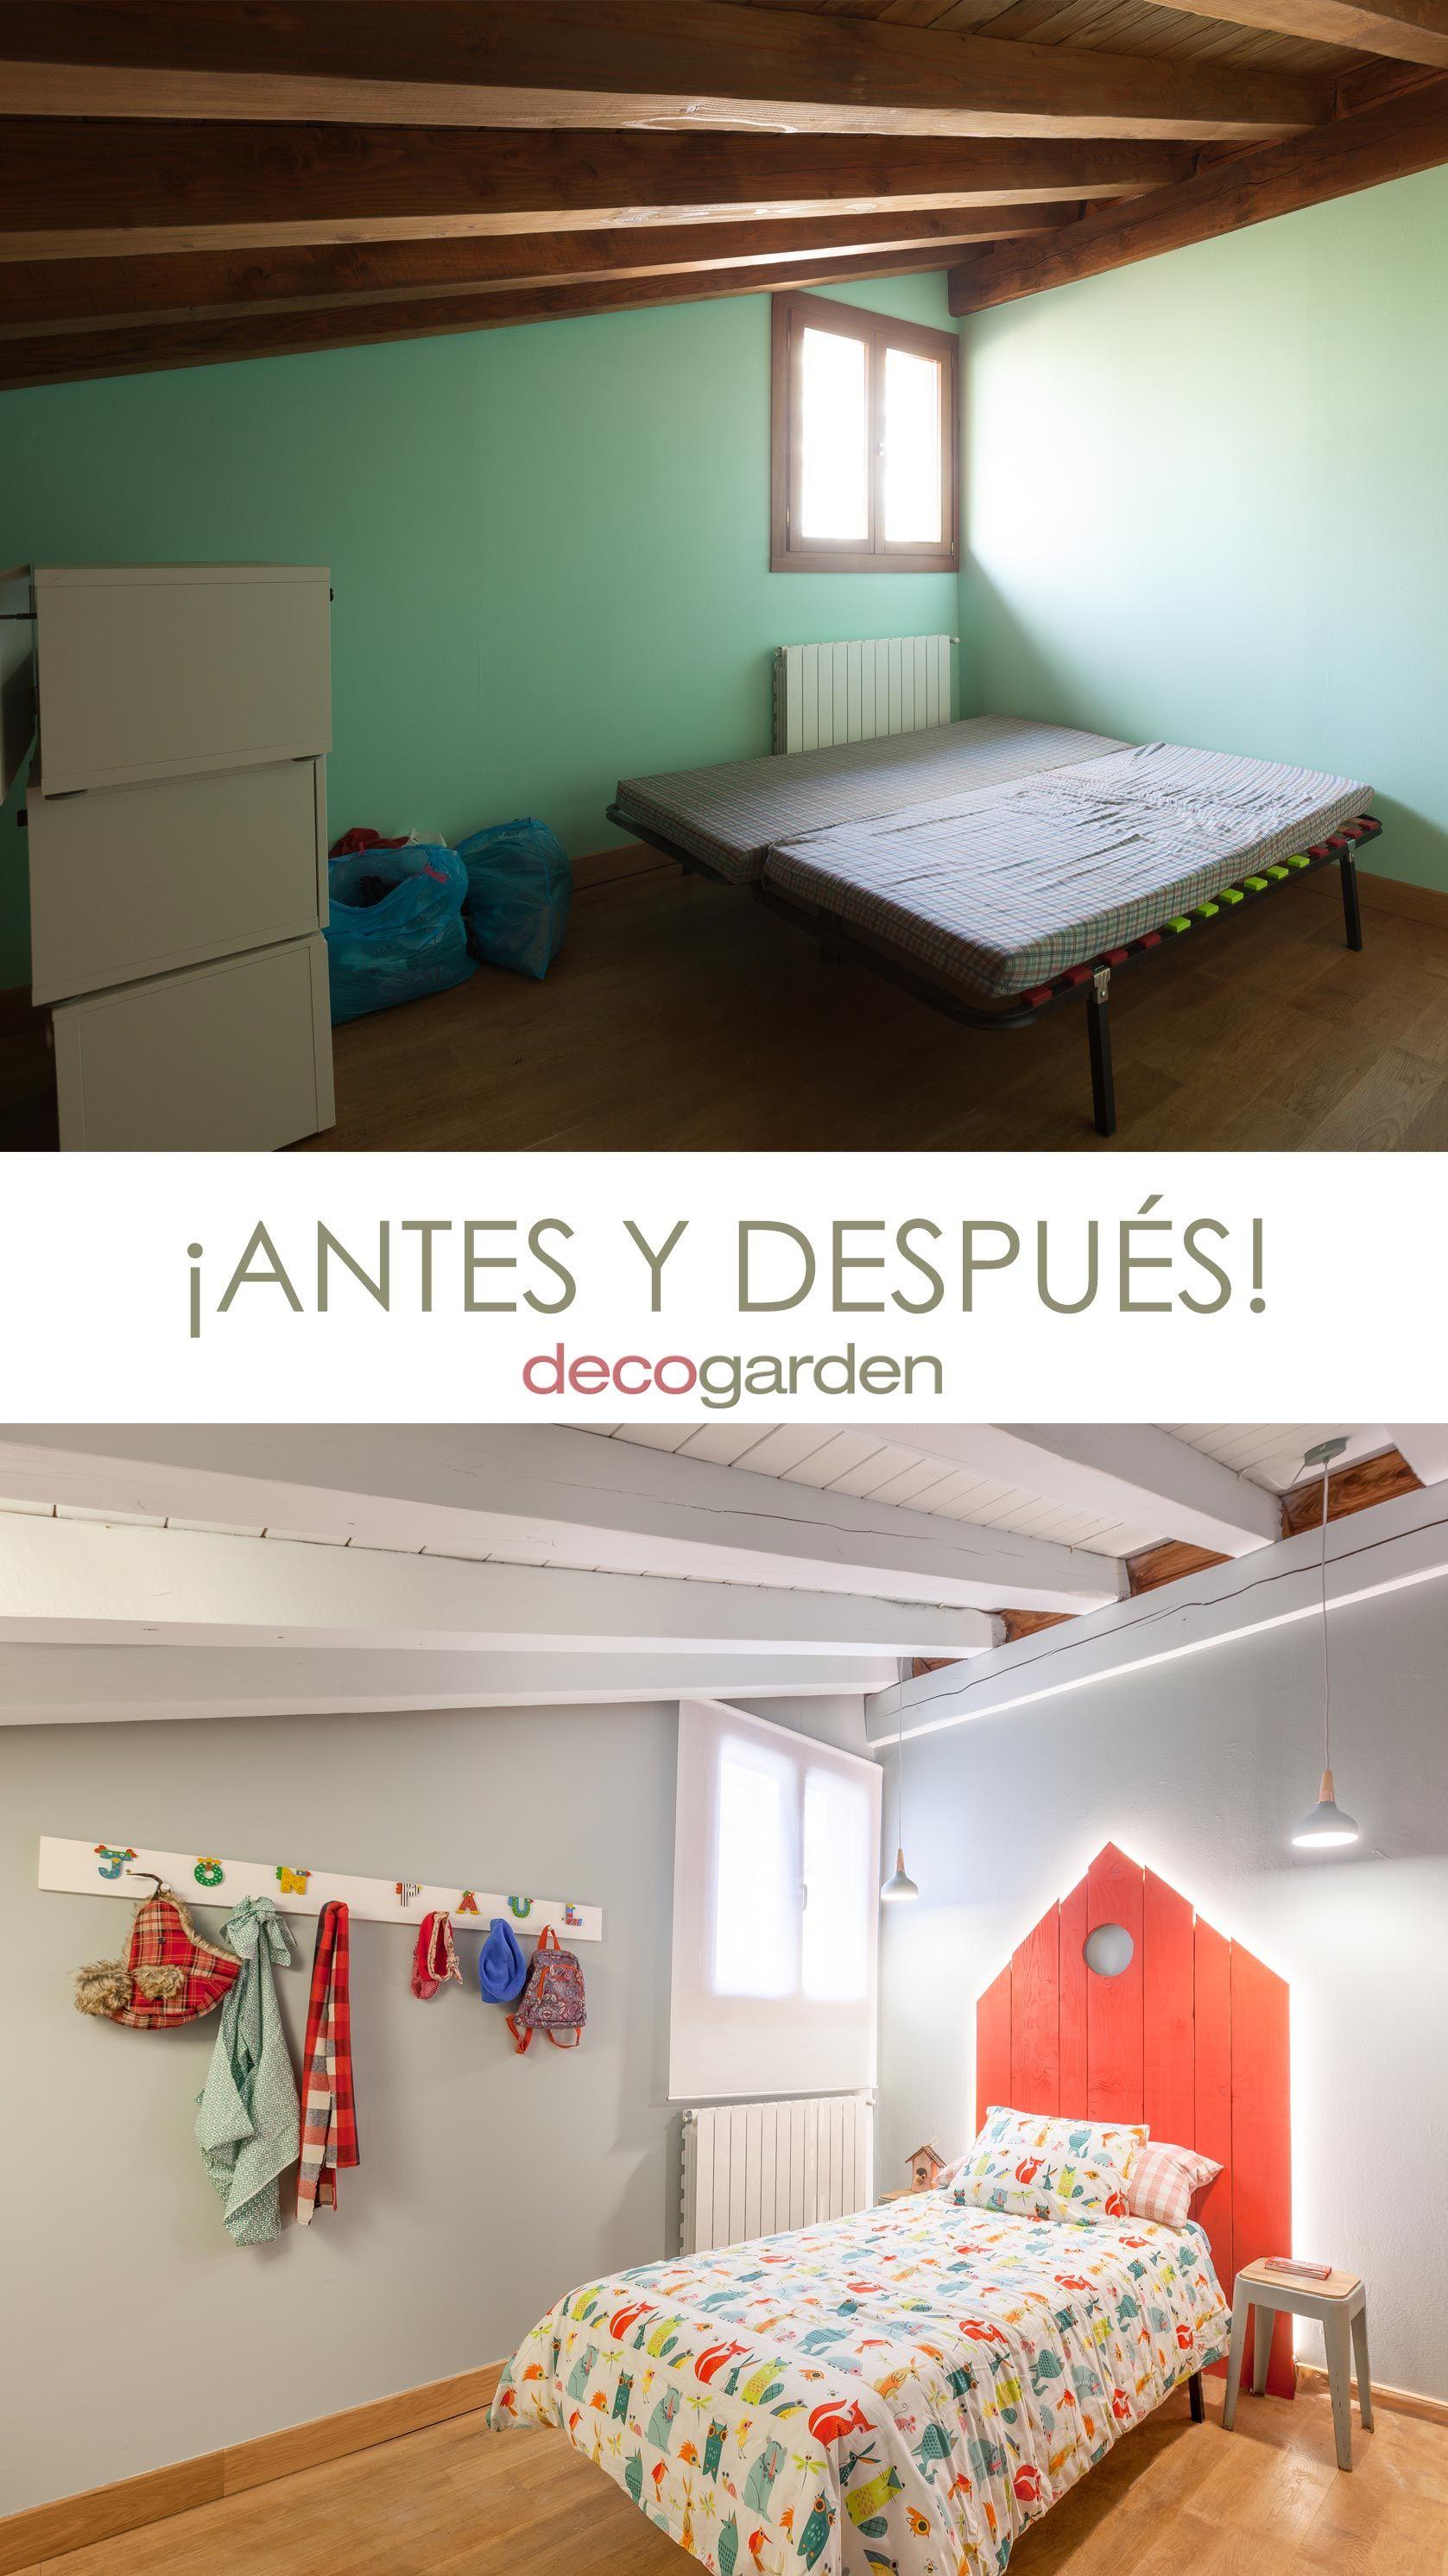 décorer la chambre des enfants du pays avec une tête de lit rouge - avant et après